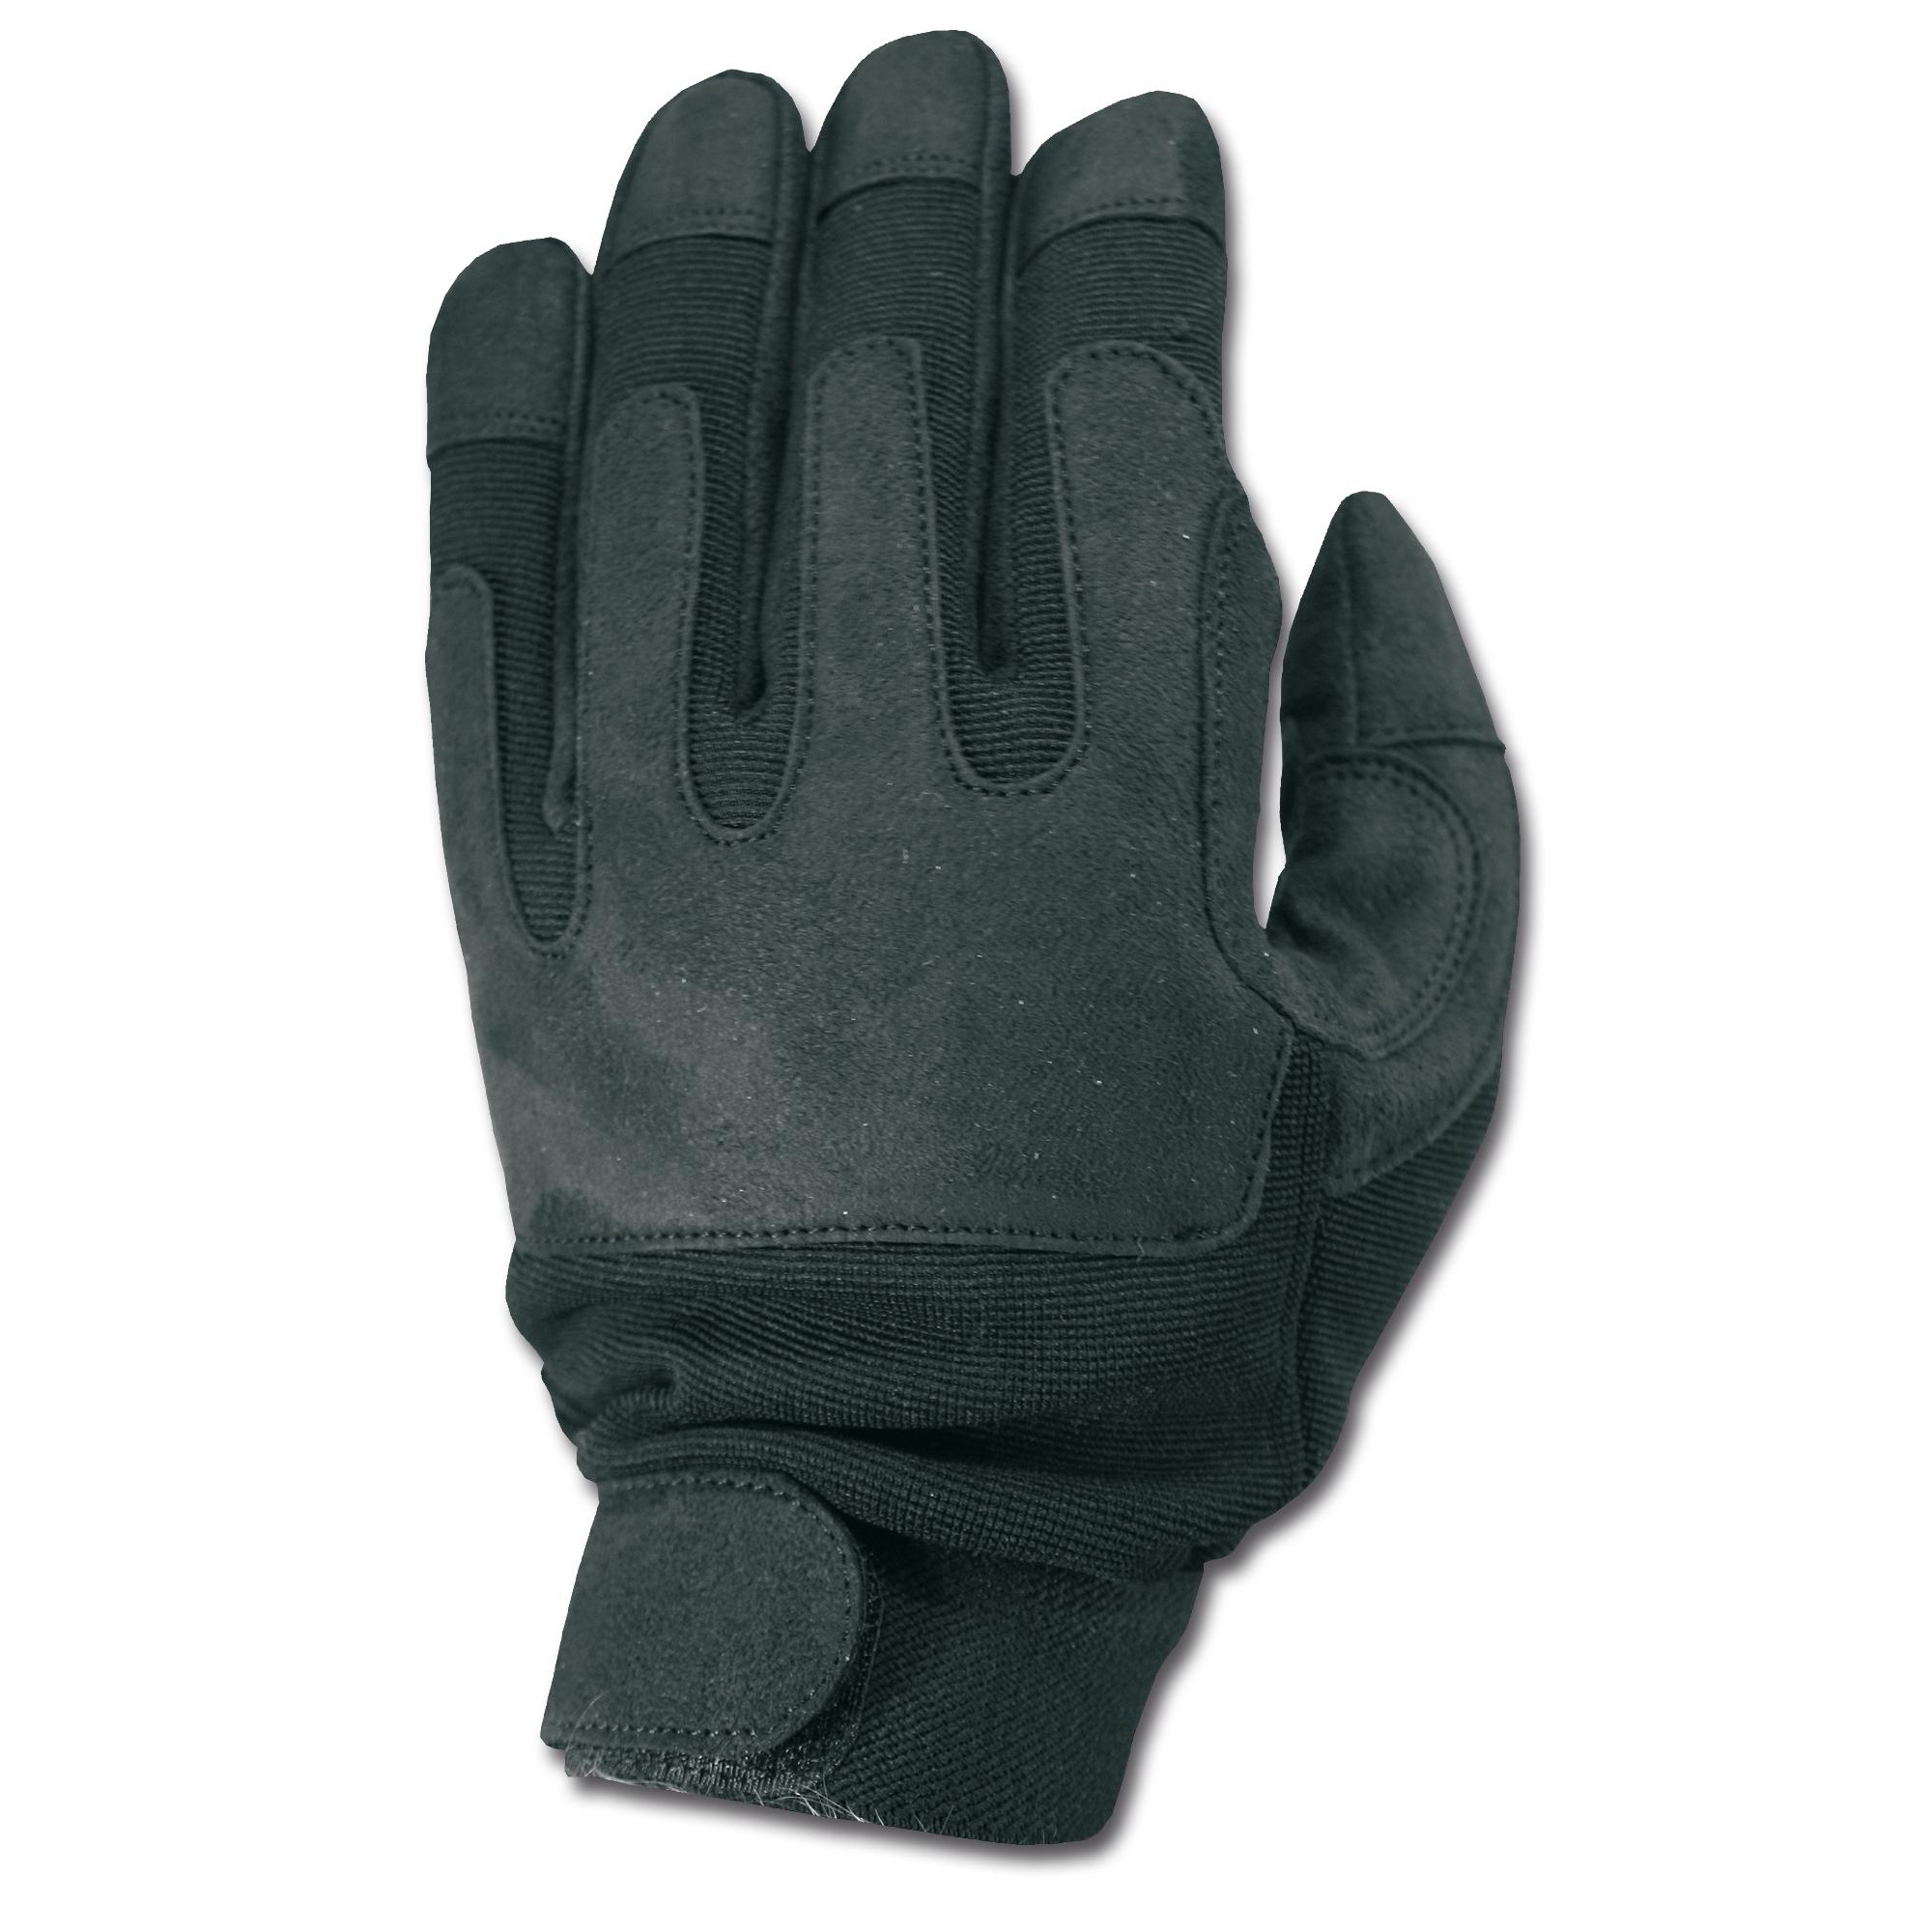 Handschuhe Army Gloves schwarz